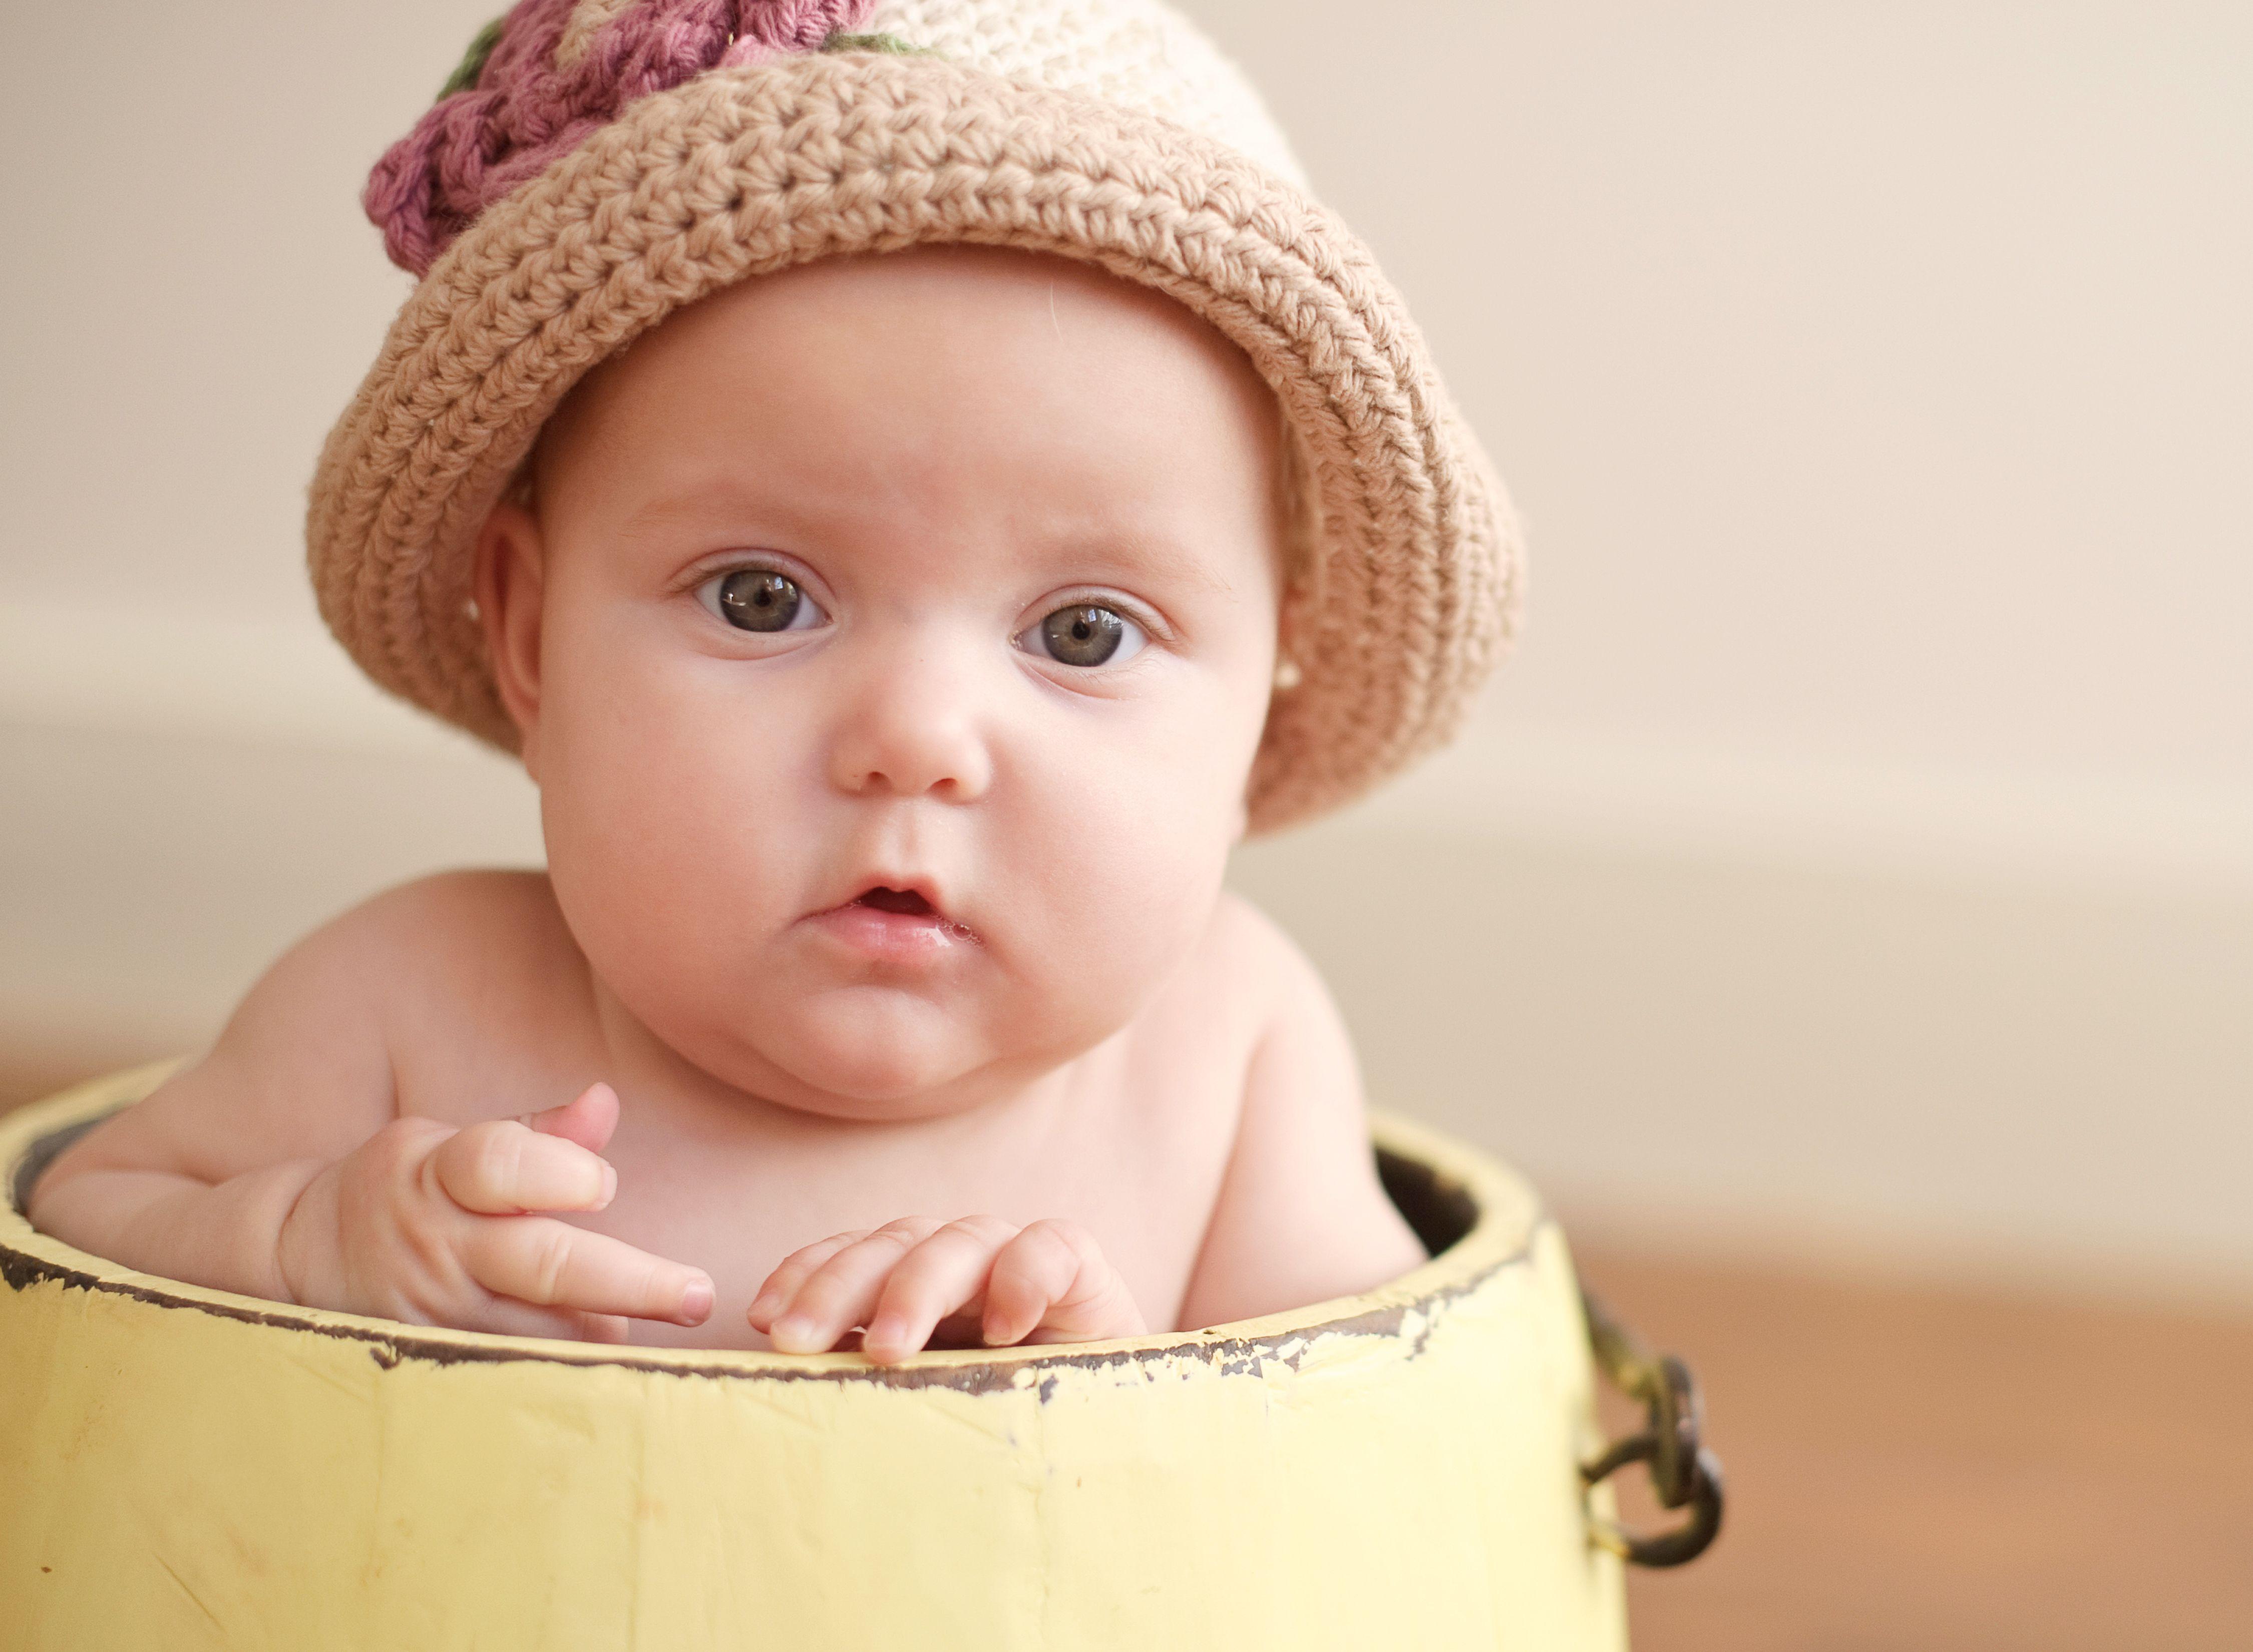 a cutie in a bucket!